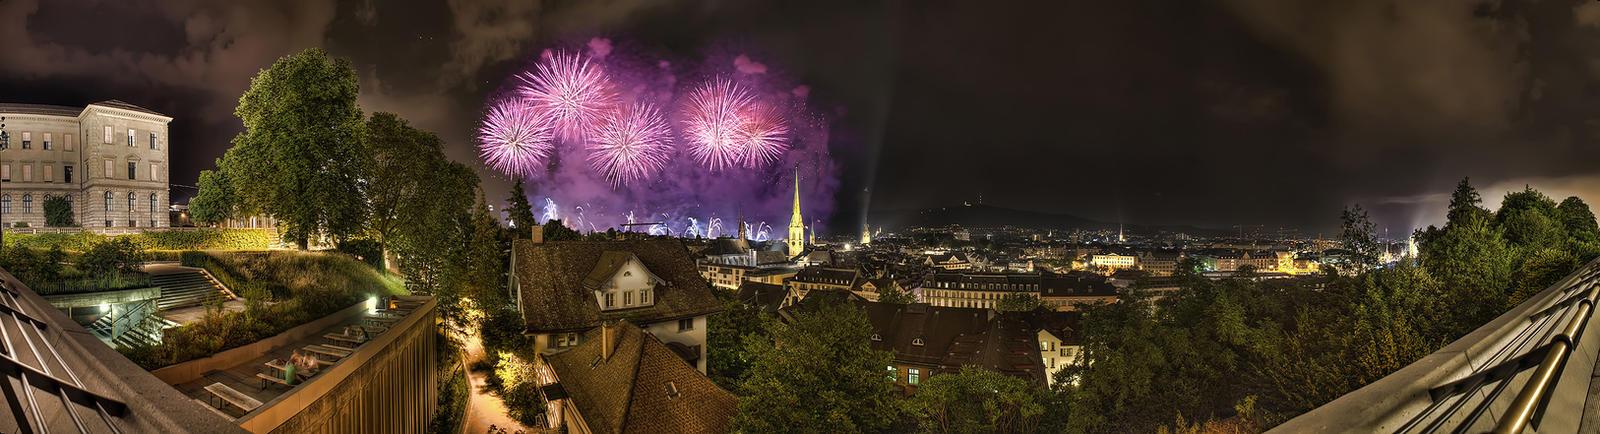 Firework Panorama - Zurich by balduris